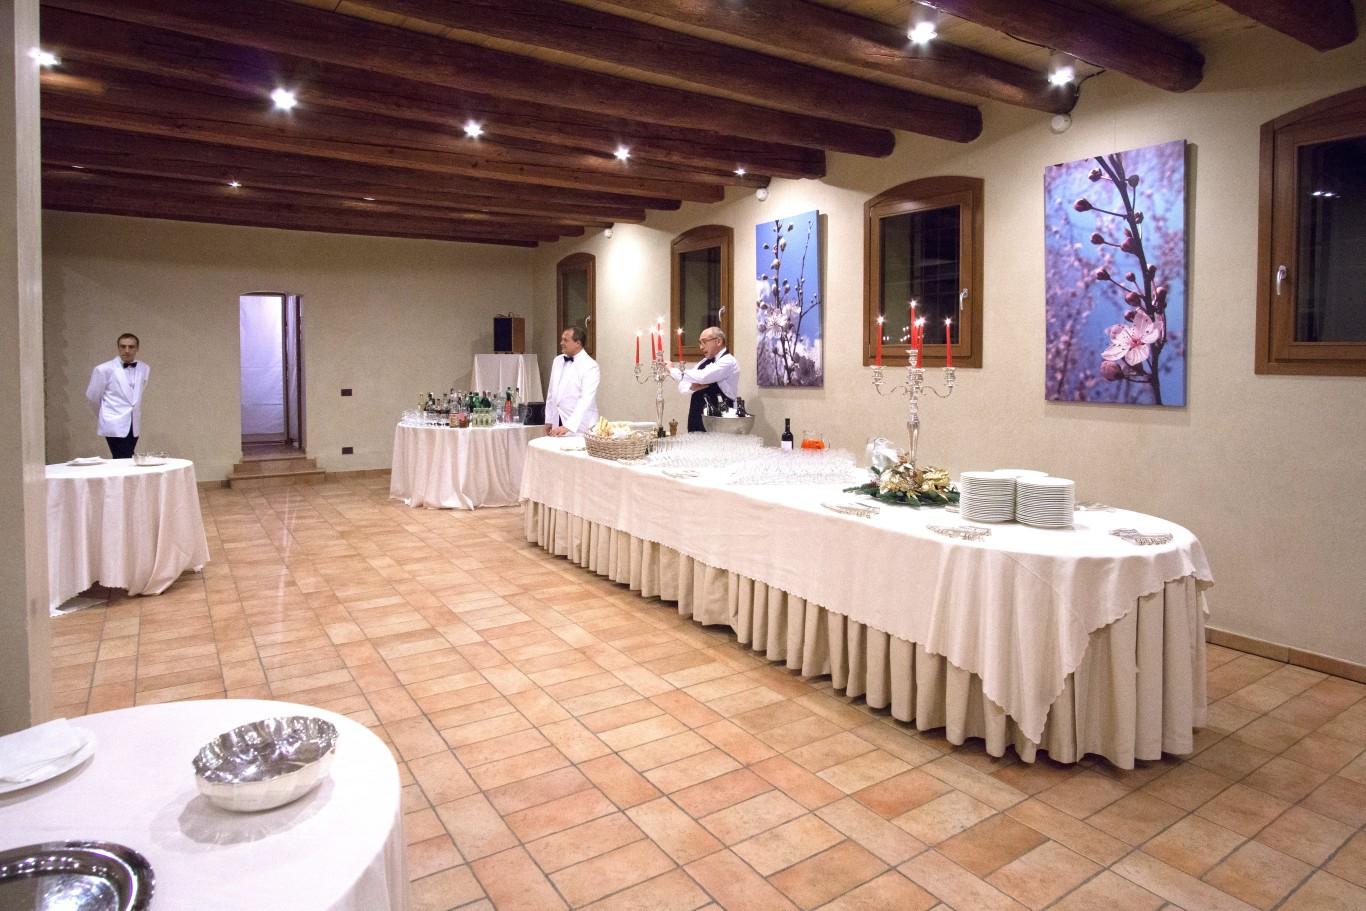 Location Eventi Aziendali8